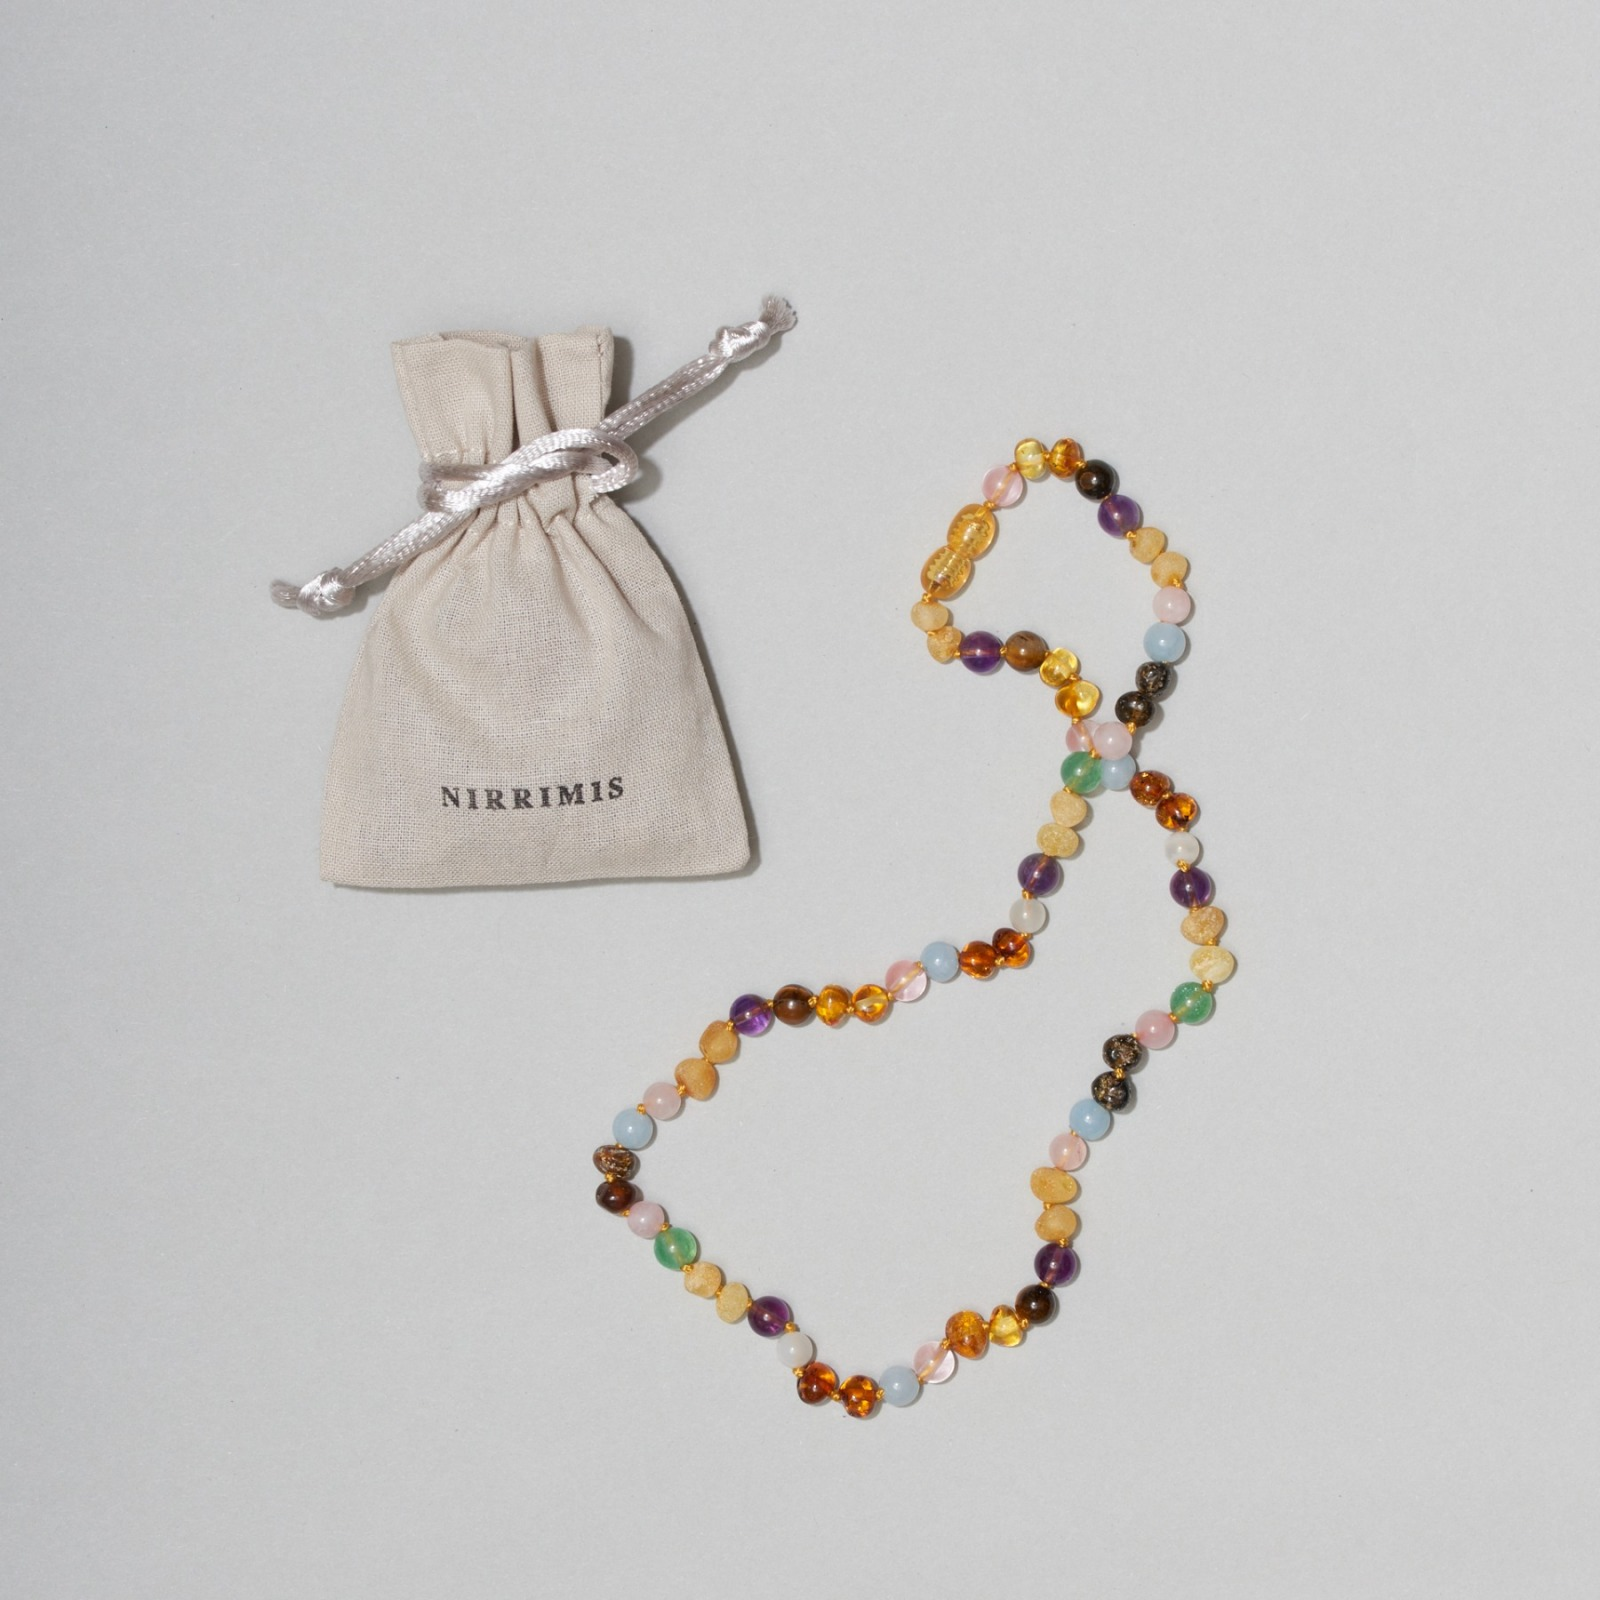 Nirrimis Halskette Regenbogen